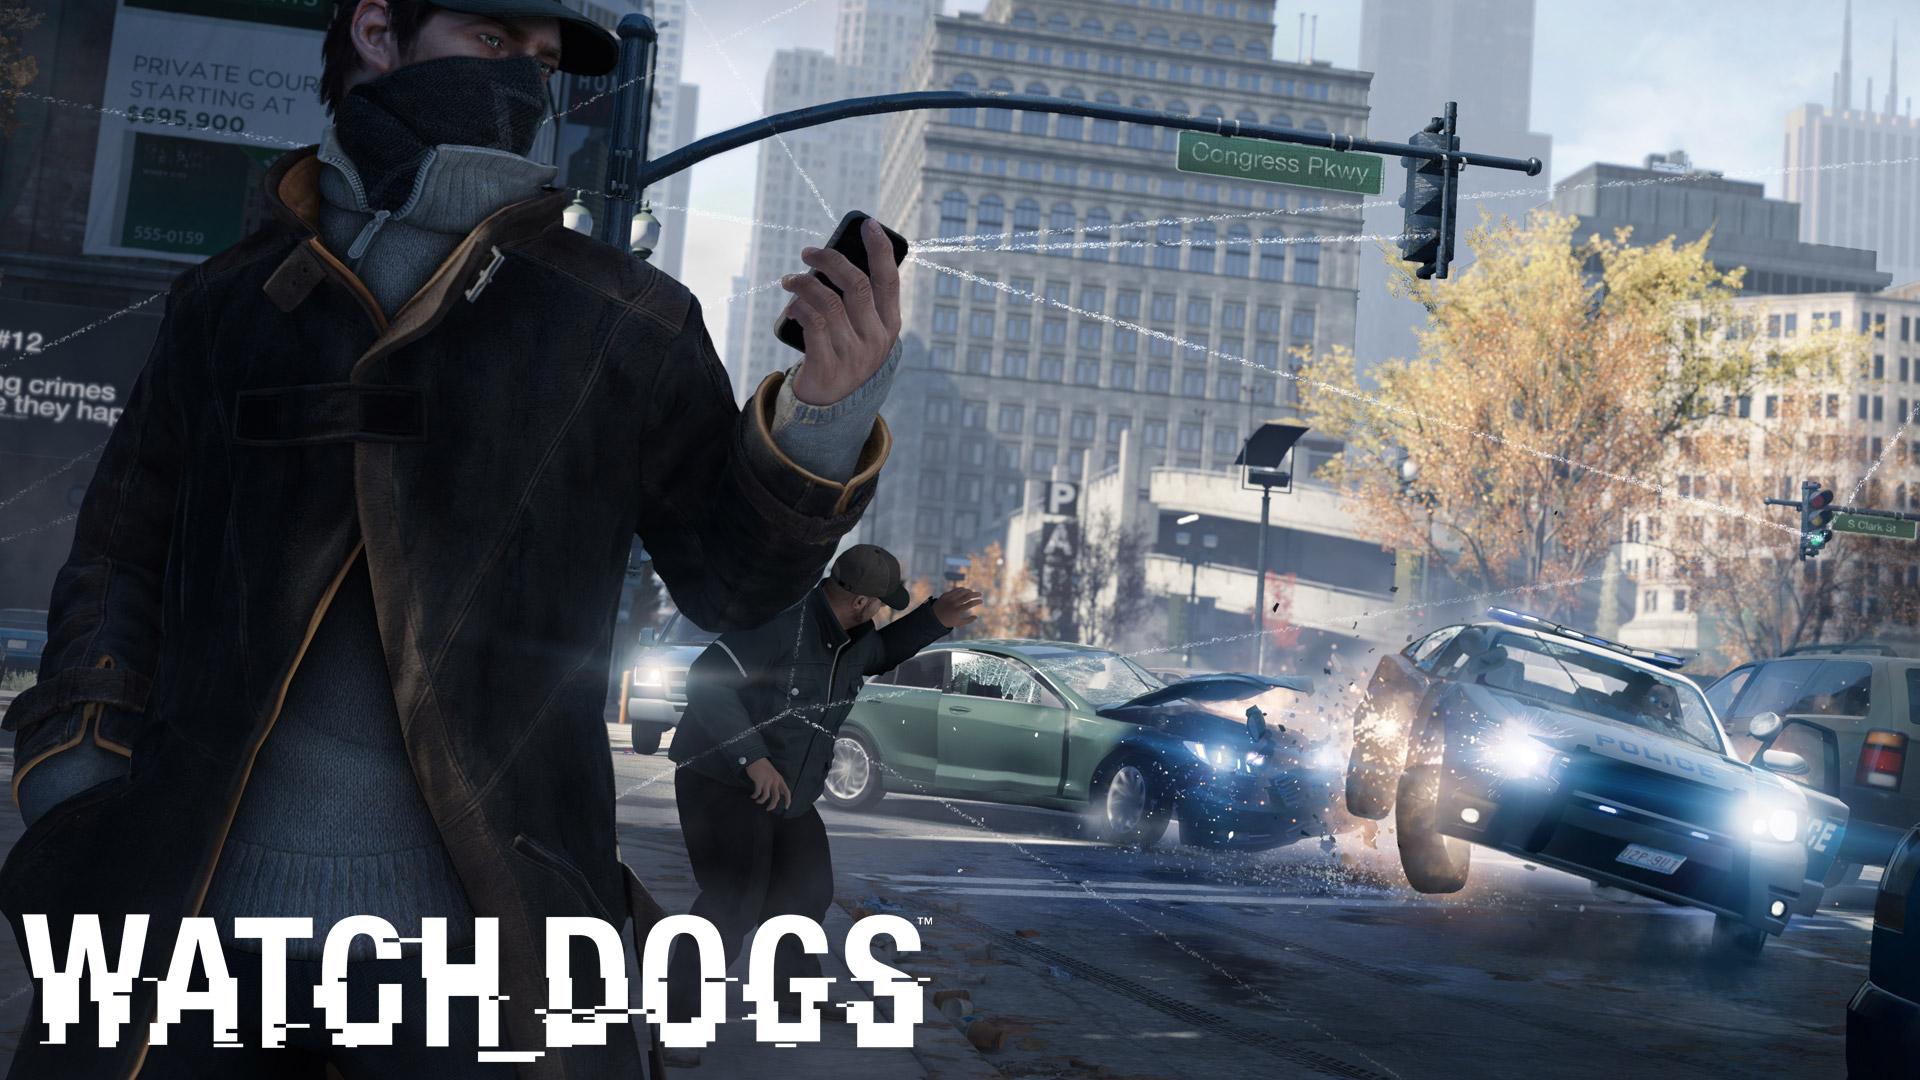 Watch Dogs wallpaper 14